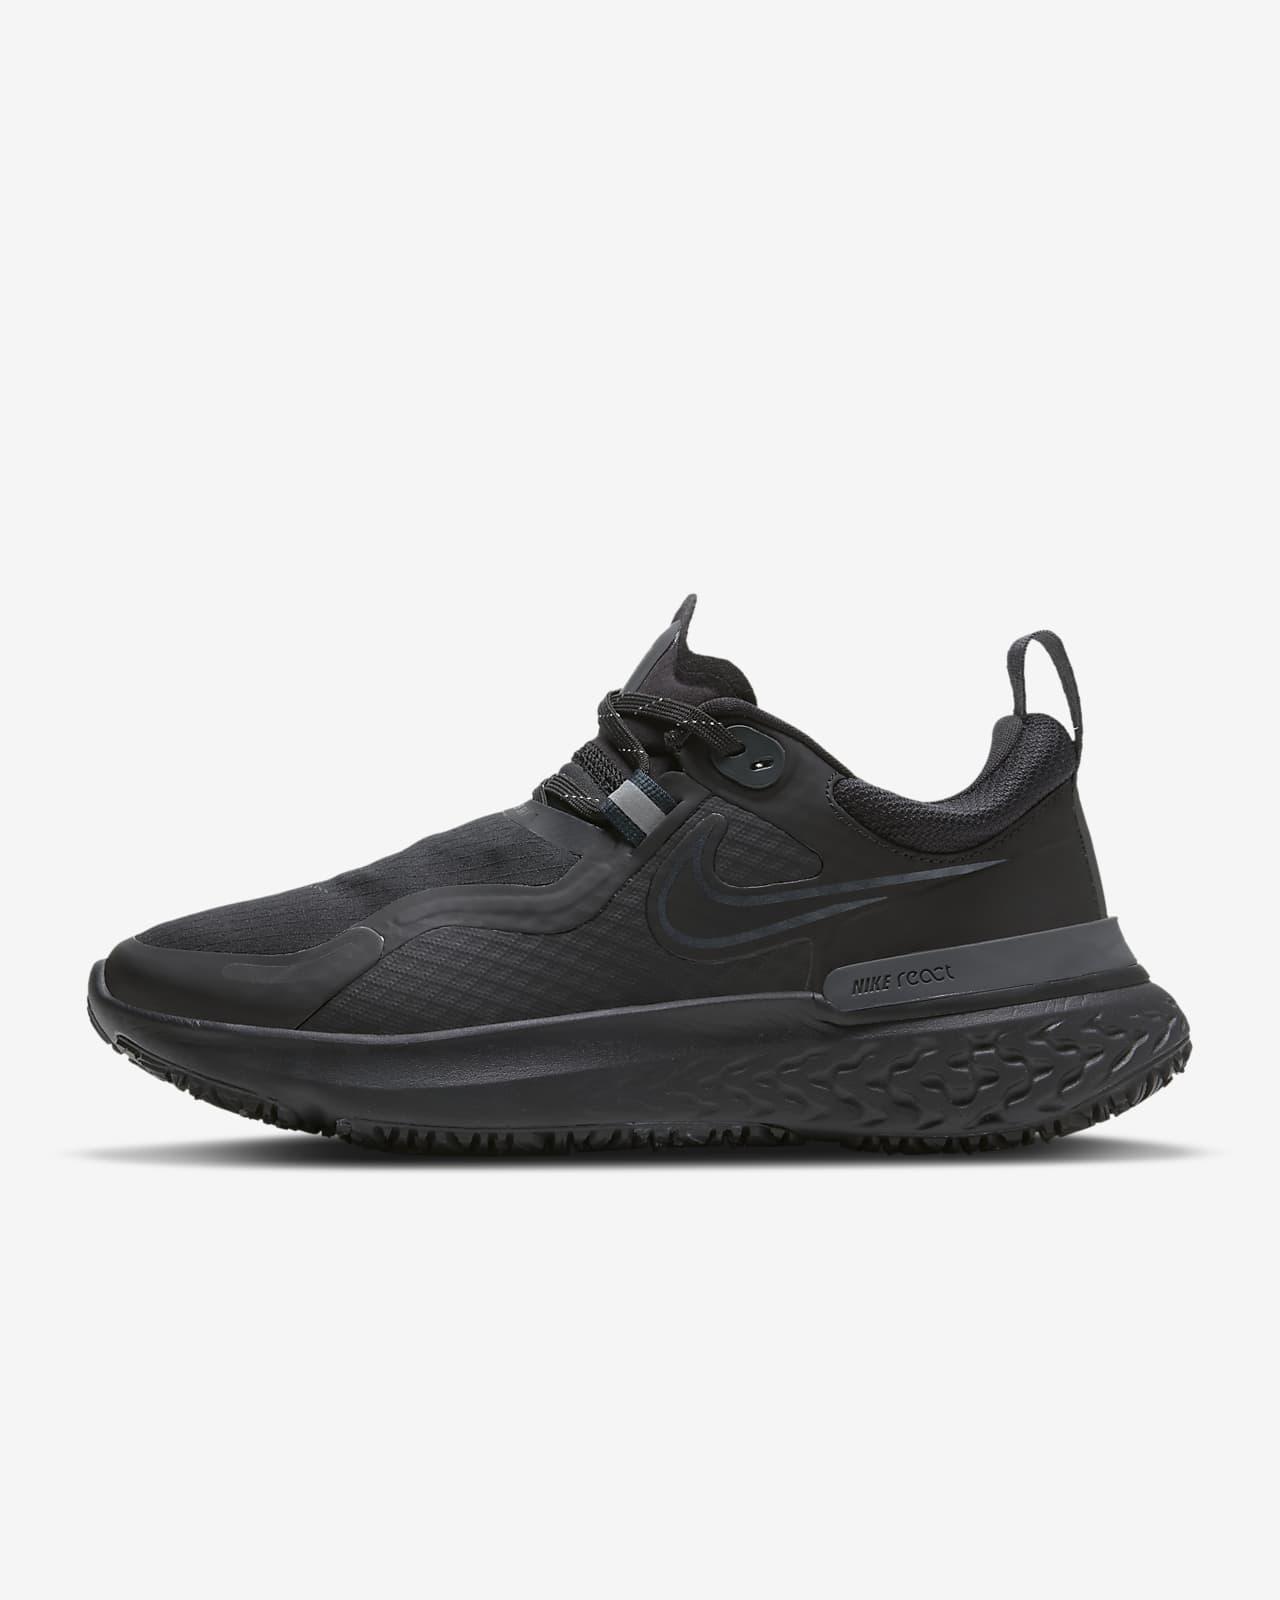 Nike React Miler Shield Hardloopschoen voor dames